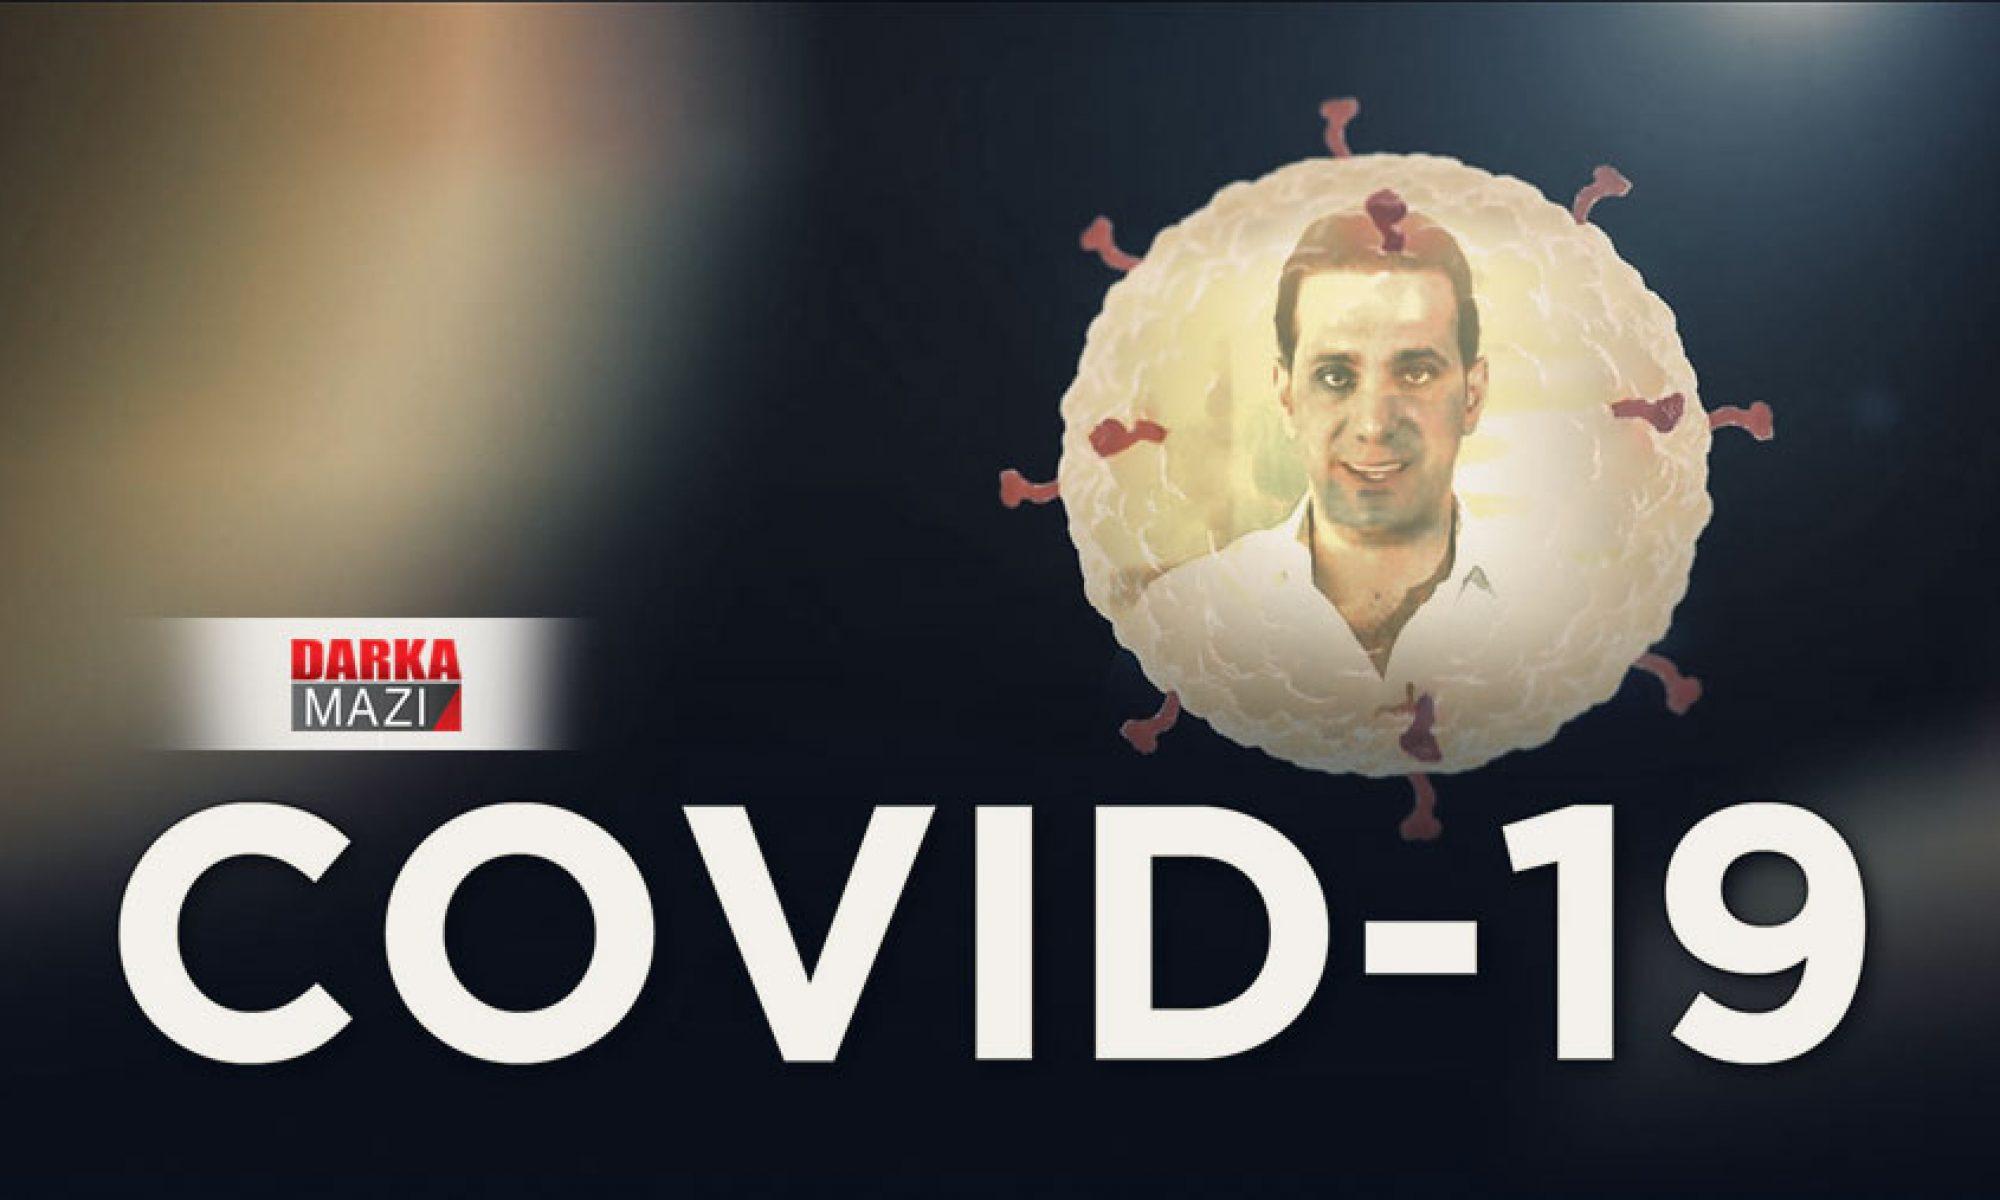 (كۆڤید-19) و (شاسوار-17)